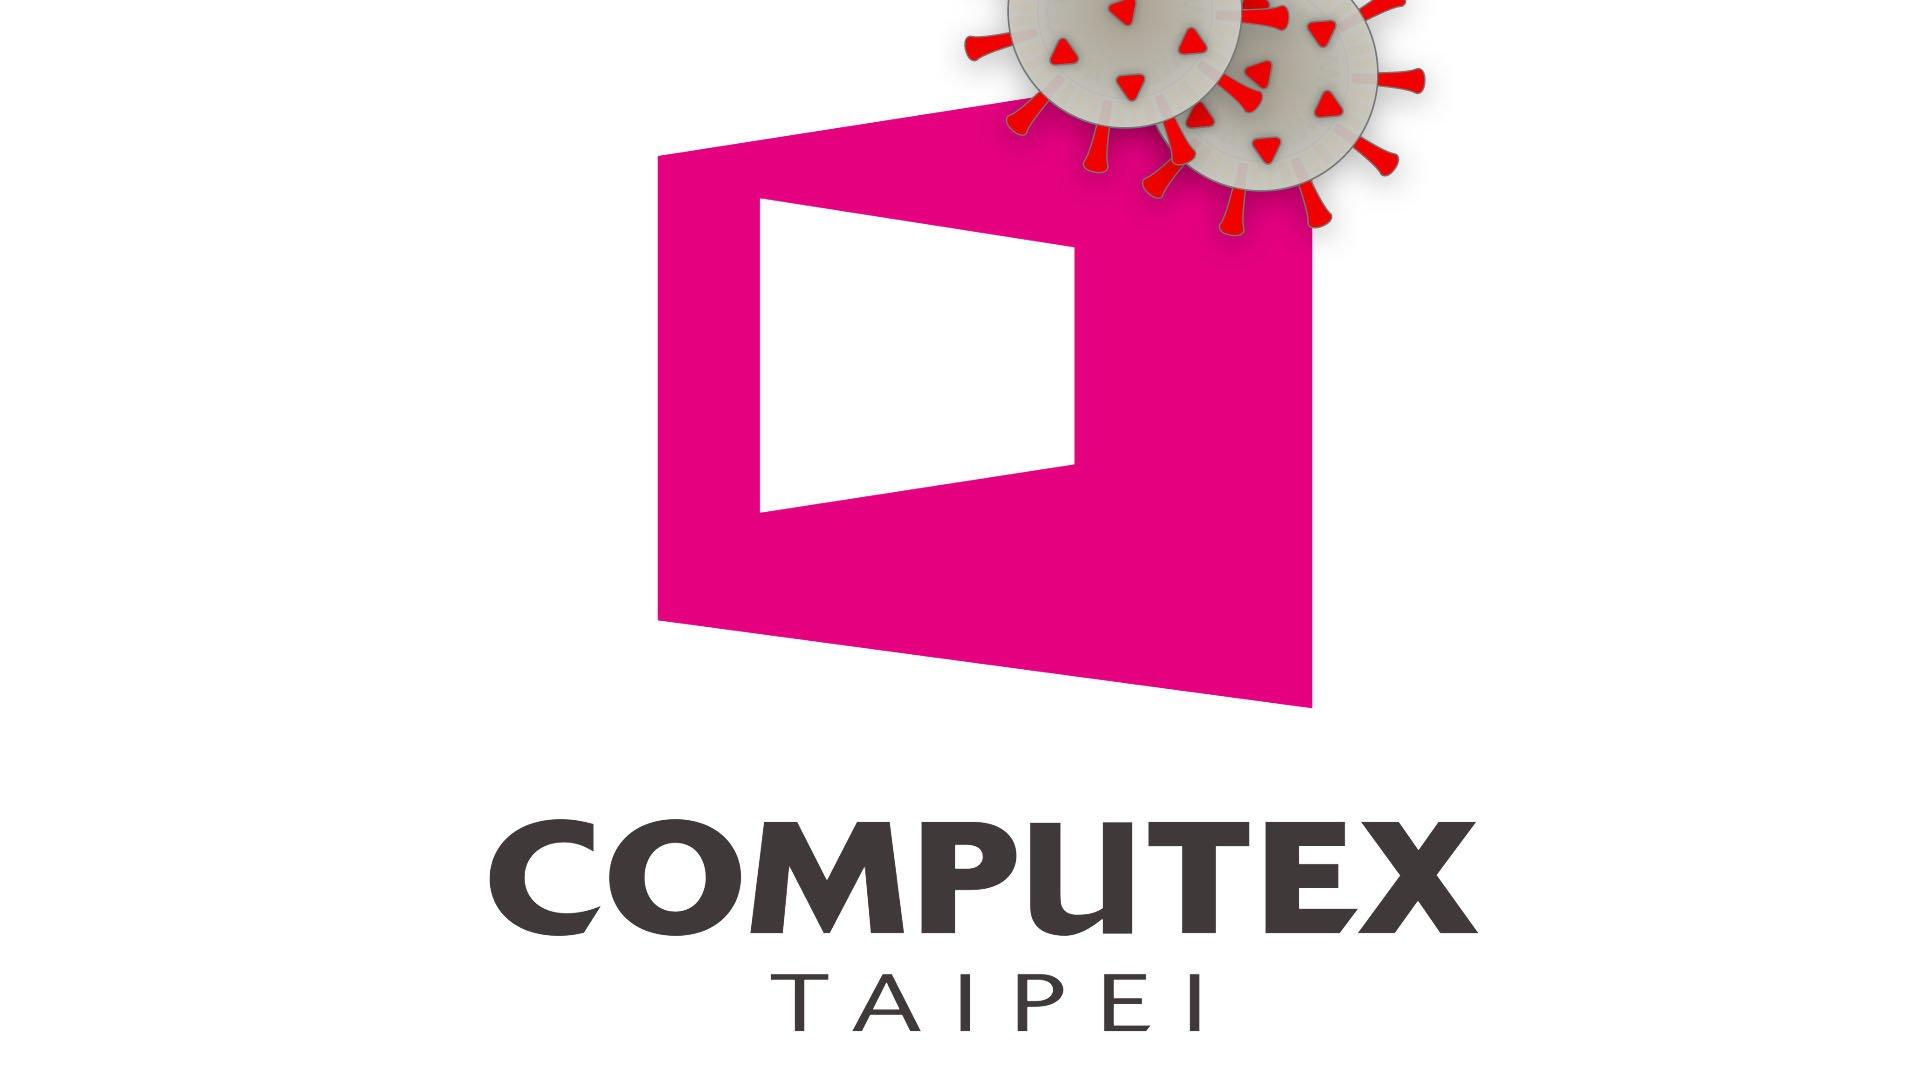 Złych wieści ciąg dalszy - targi Computex 2020 przełożone na wrzesień 20